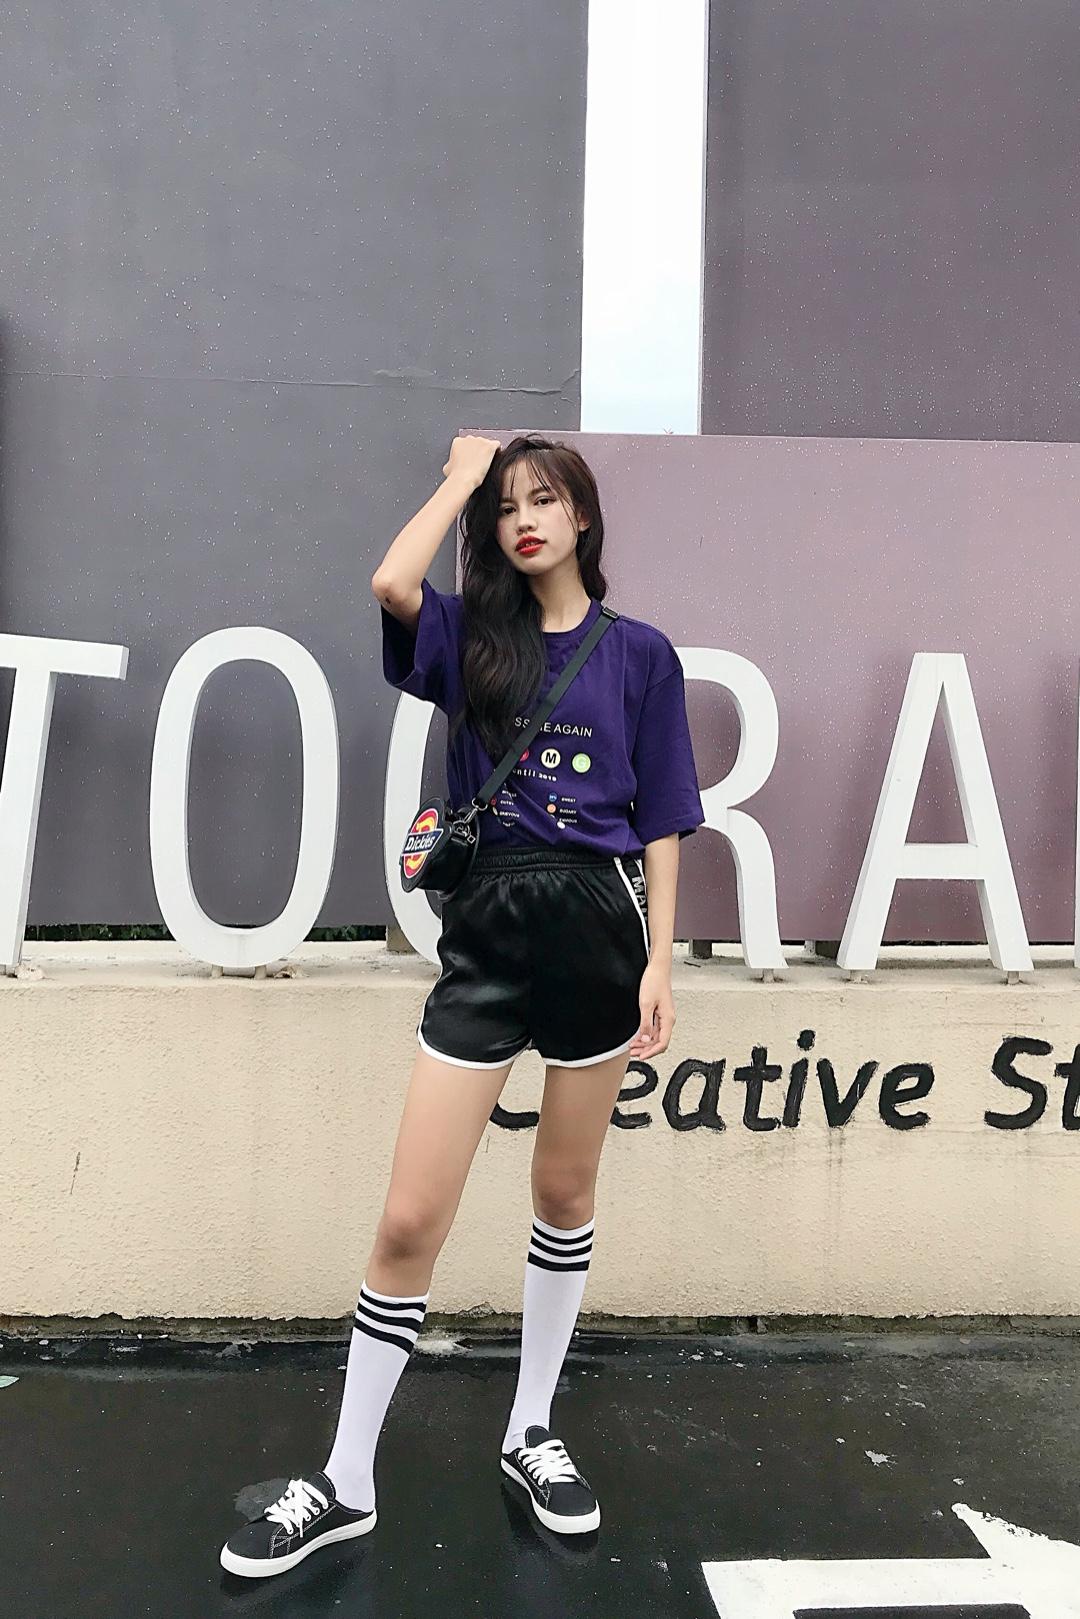 #5月不减肥,6月照样筷子腿!# 非常超酷时尚的一套穿搭 上衣:图案非常简约好看,颜色也是非常百搭显瘦的深紫色,很适合走潮酷风格的小姐姐们哦 裤子:也是非常百搭的短裤,运动风格和各种风格都能轻松搭配上,而且穿着非常舒服 鞋子:非常百搭的小黑鞋,一年四季都能穿哦